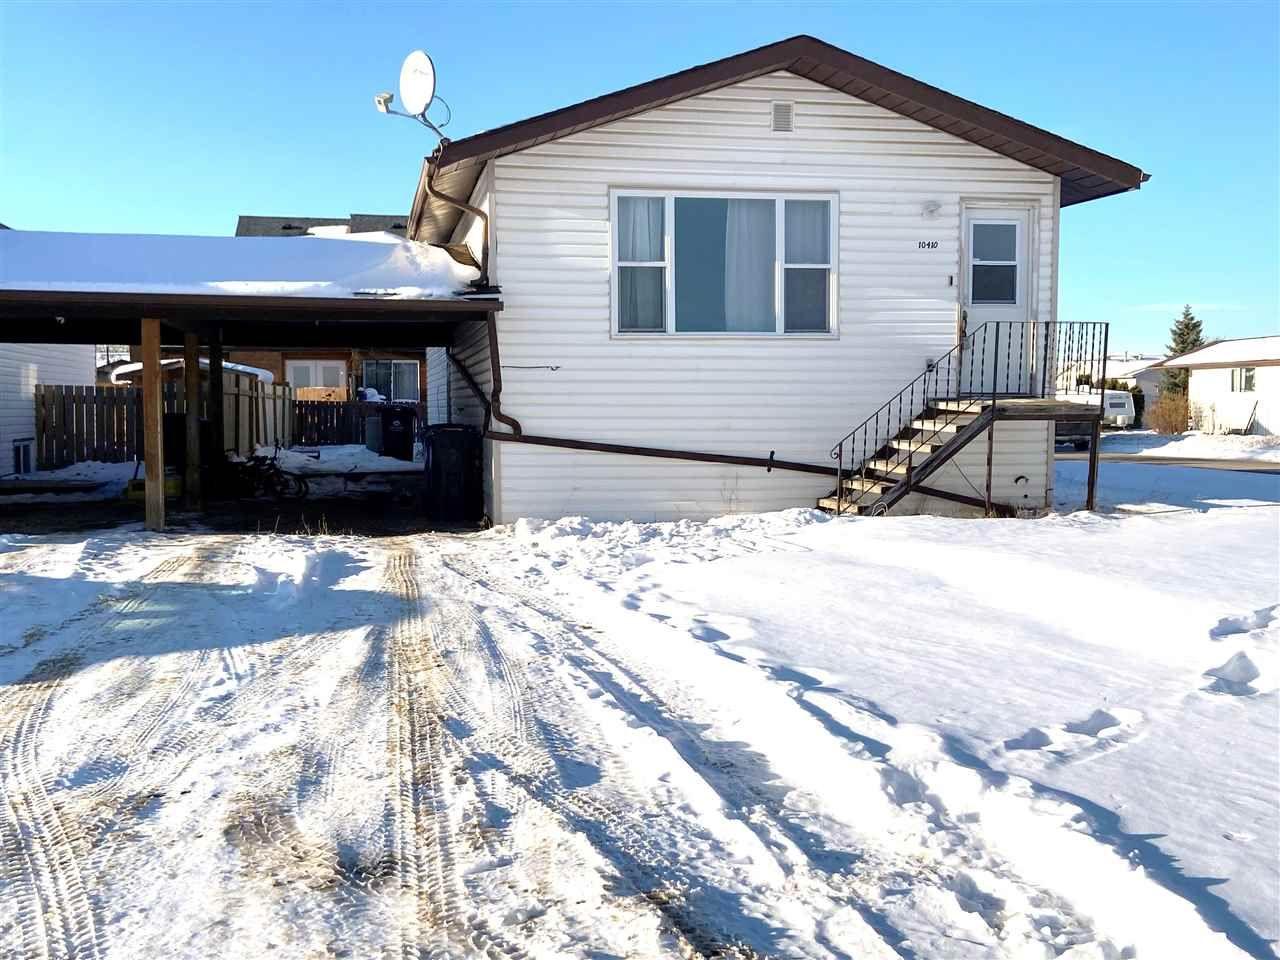 Main Photo: 10410 88A Street in Fort St. John: Fort St. John - City NE 1/2 Duplex for sale (Fort St. John (Zone 60))  : MLS®# R2520340